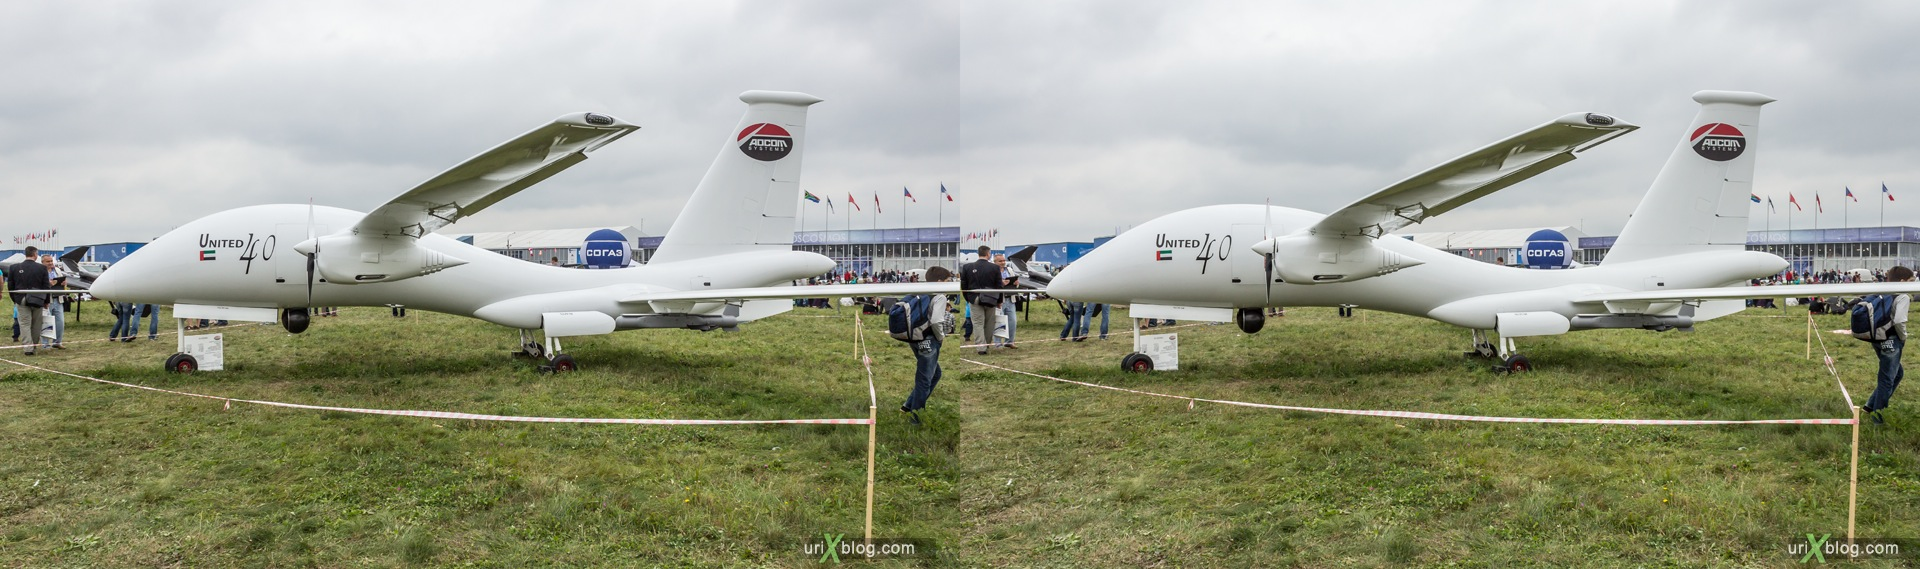 2013, Yabhon United 40, беспилотник, Россия, Раменское, Жуковский, аэродром, самолёт, экспозиция, МАКС, Международный Авиационно-космический Салон, 3D, перекрёстная стереопара, стерео, стереопара